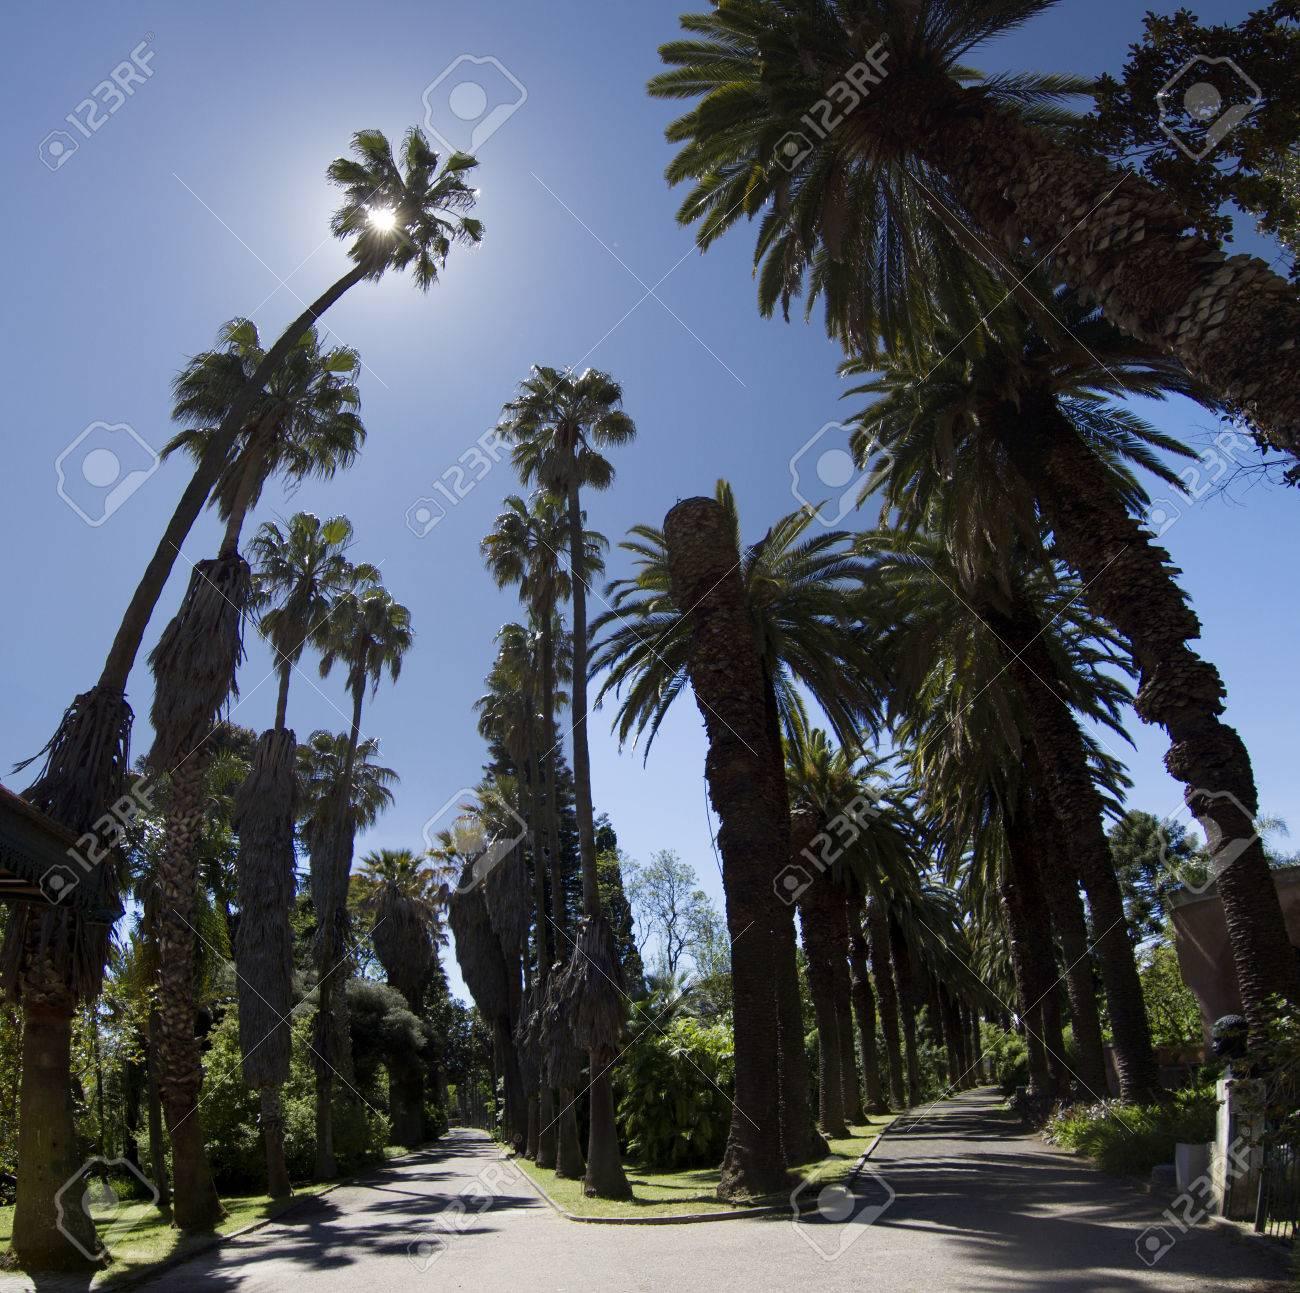 Vue D Un Sentier Avec De Grands Arbres De Palmiers Situes Dans Le